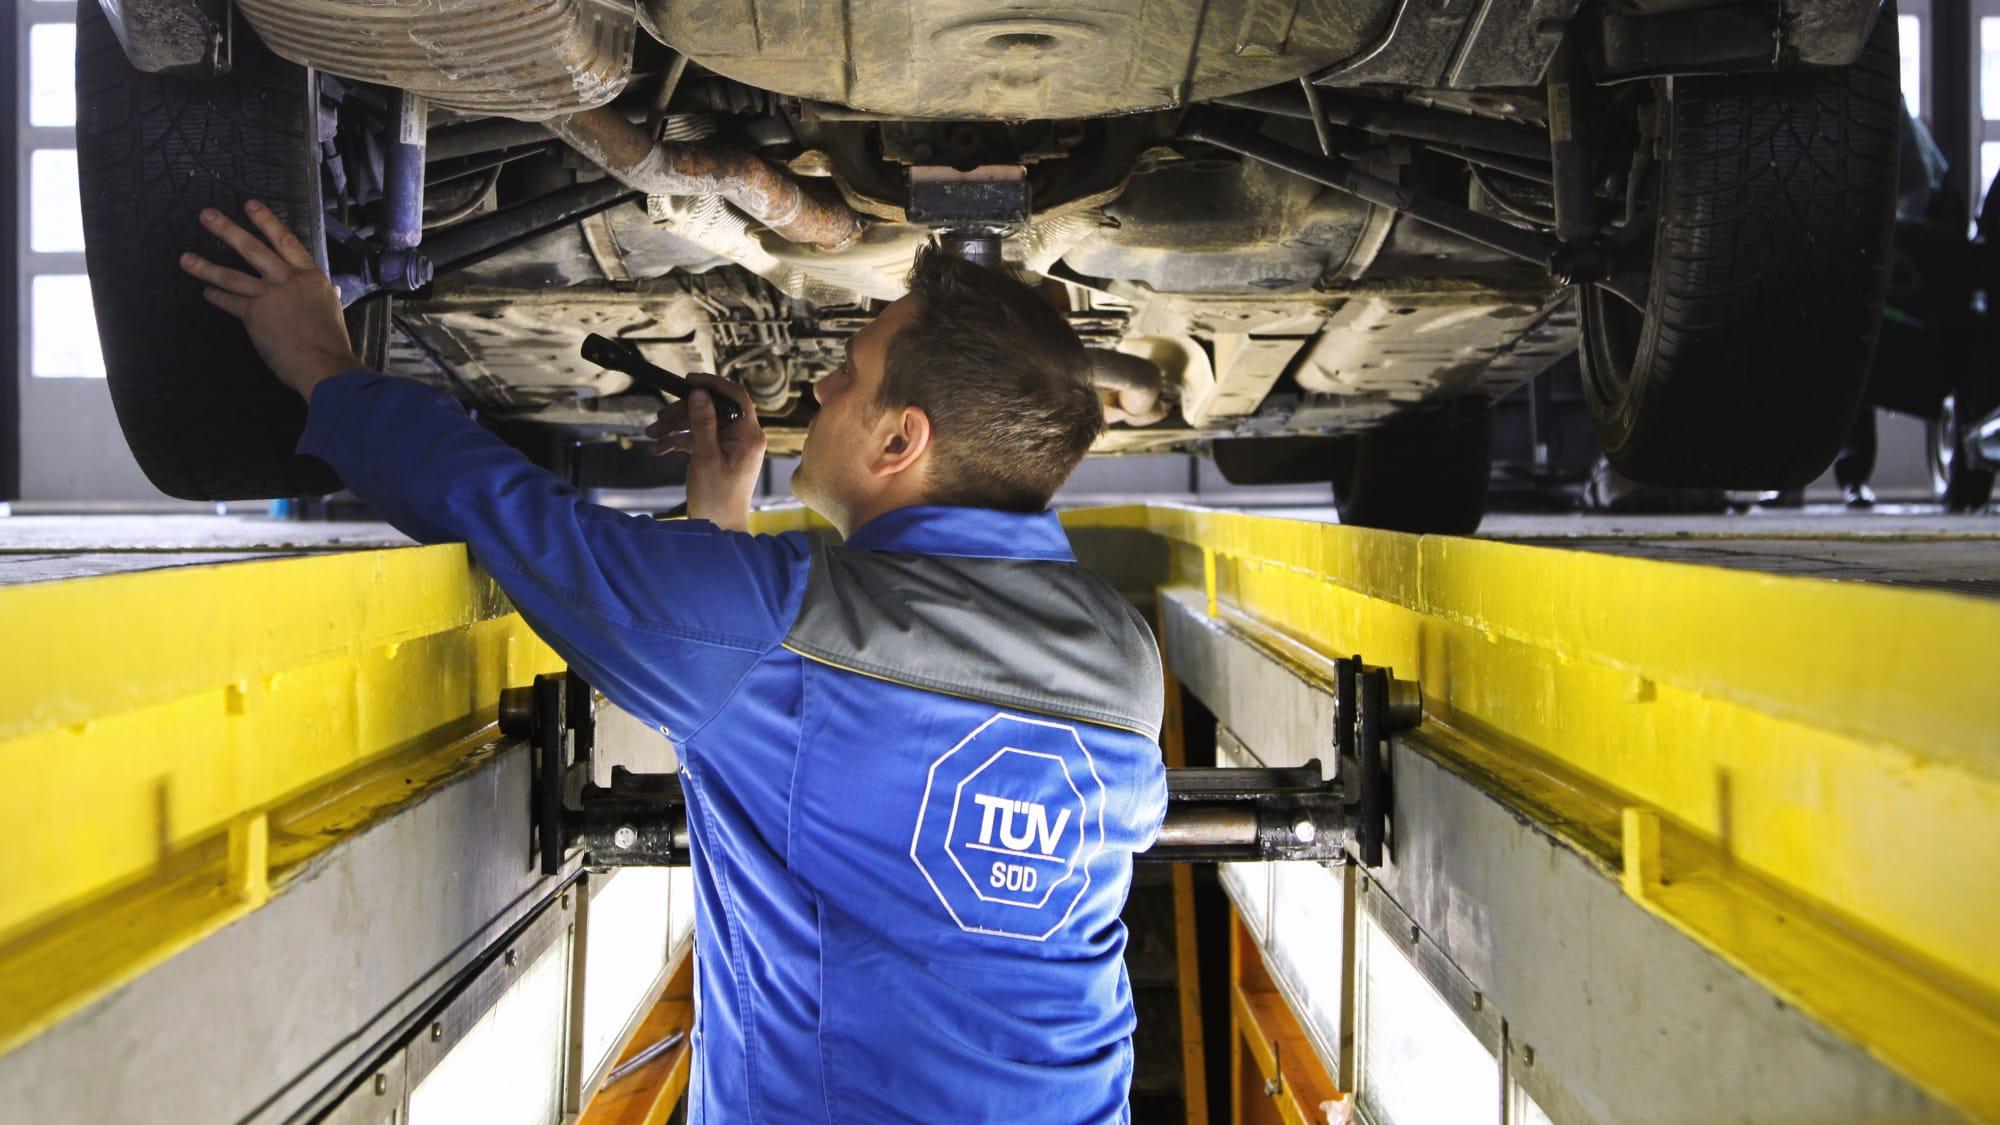 TÜV-Mitarbeiter begutachtet Auto von unten